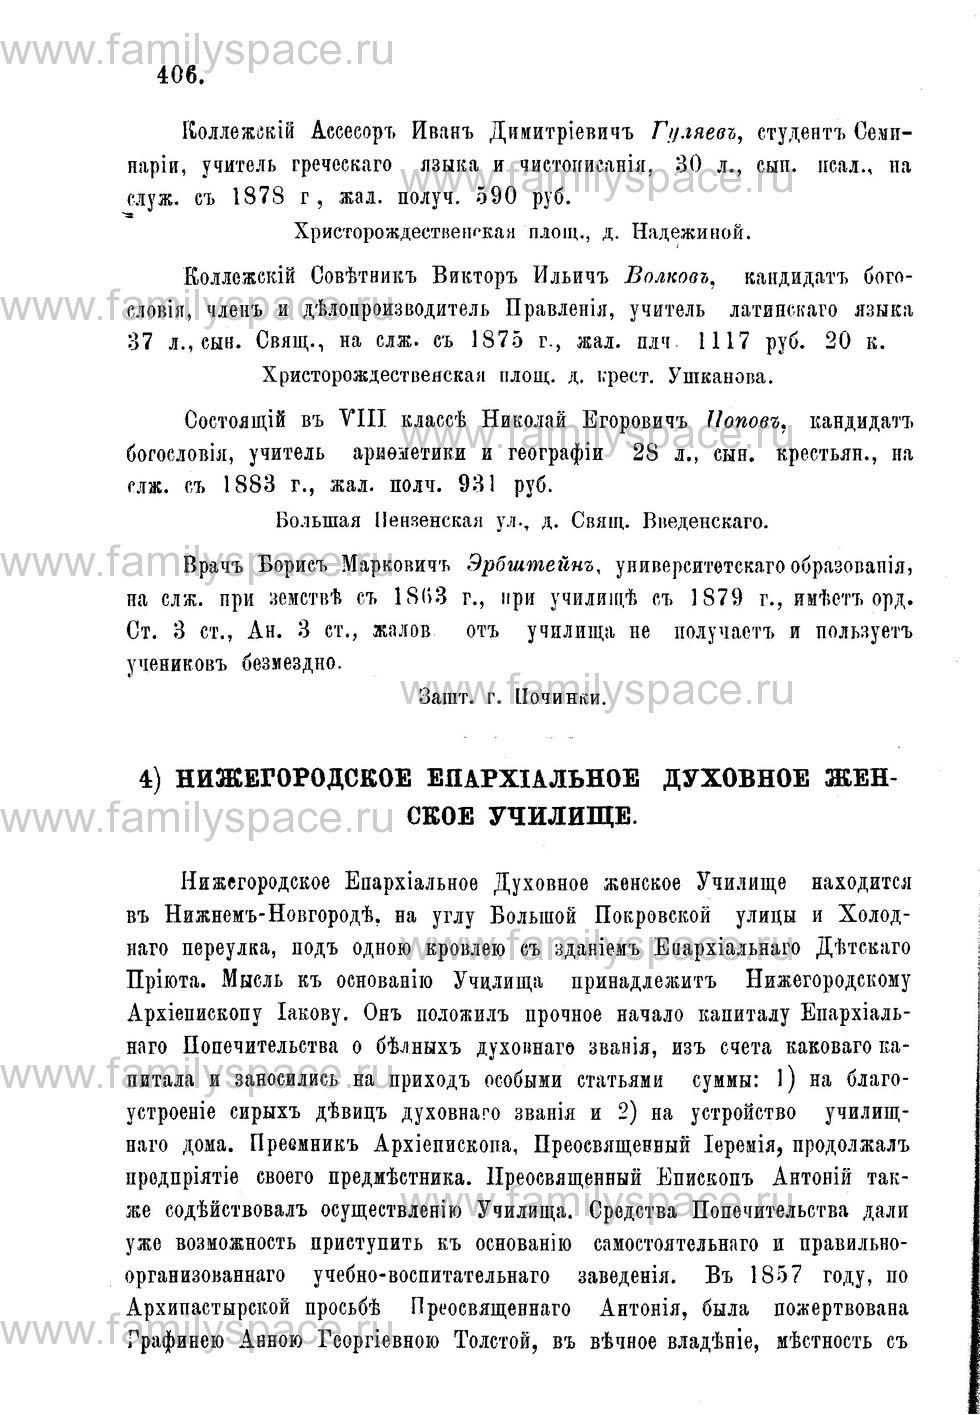 Поиск по фамилии - Адрес-календарь Нижегородской епархии на 1888 год, страница 1406